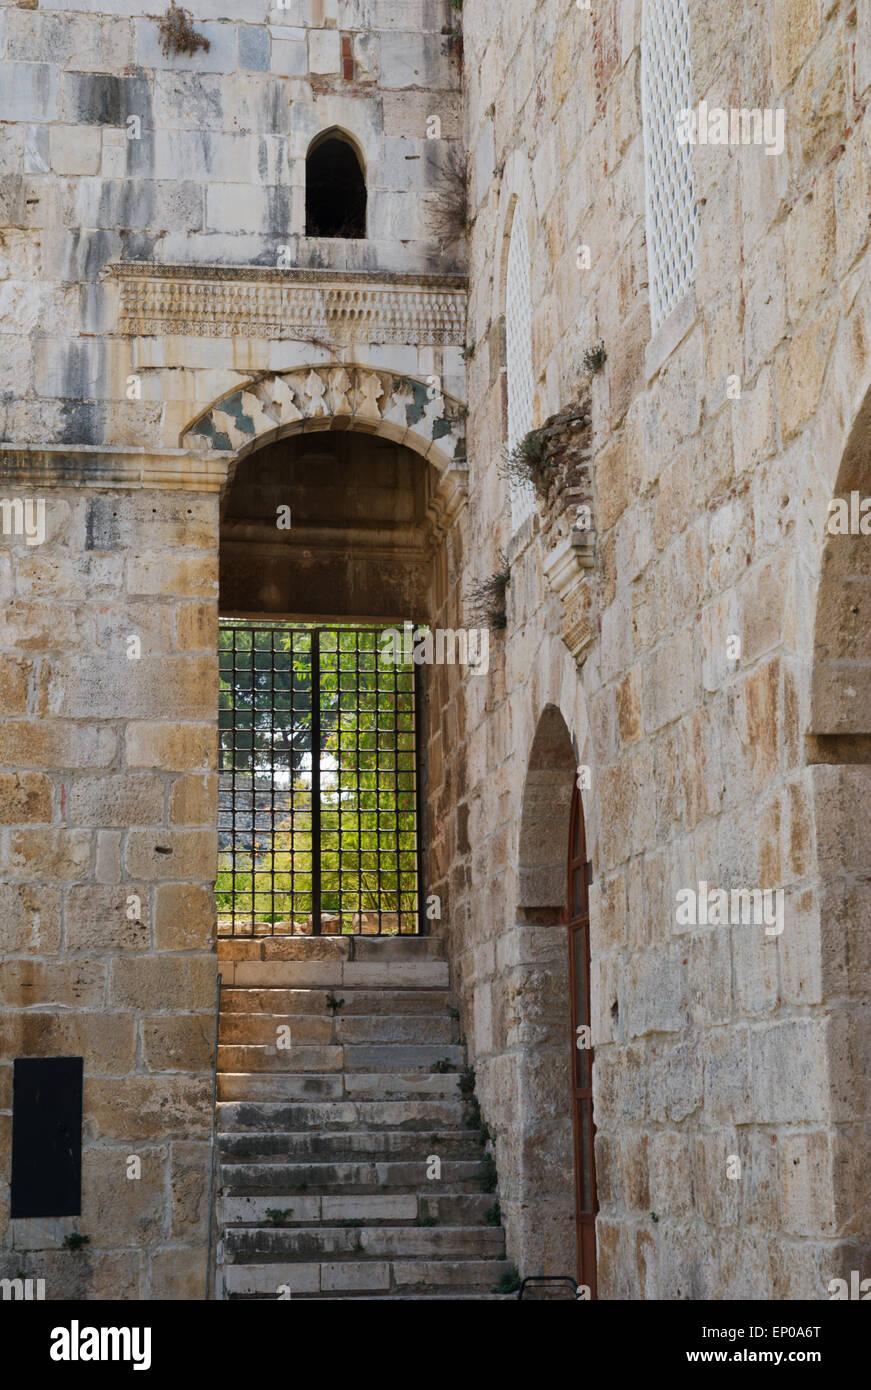 Isa Bey Mosque Barred Door Selcuk Turkey & Isa Bey Mosque Barred Door Selcuk Turkey Stock Photo: 82371936 ...